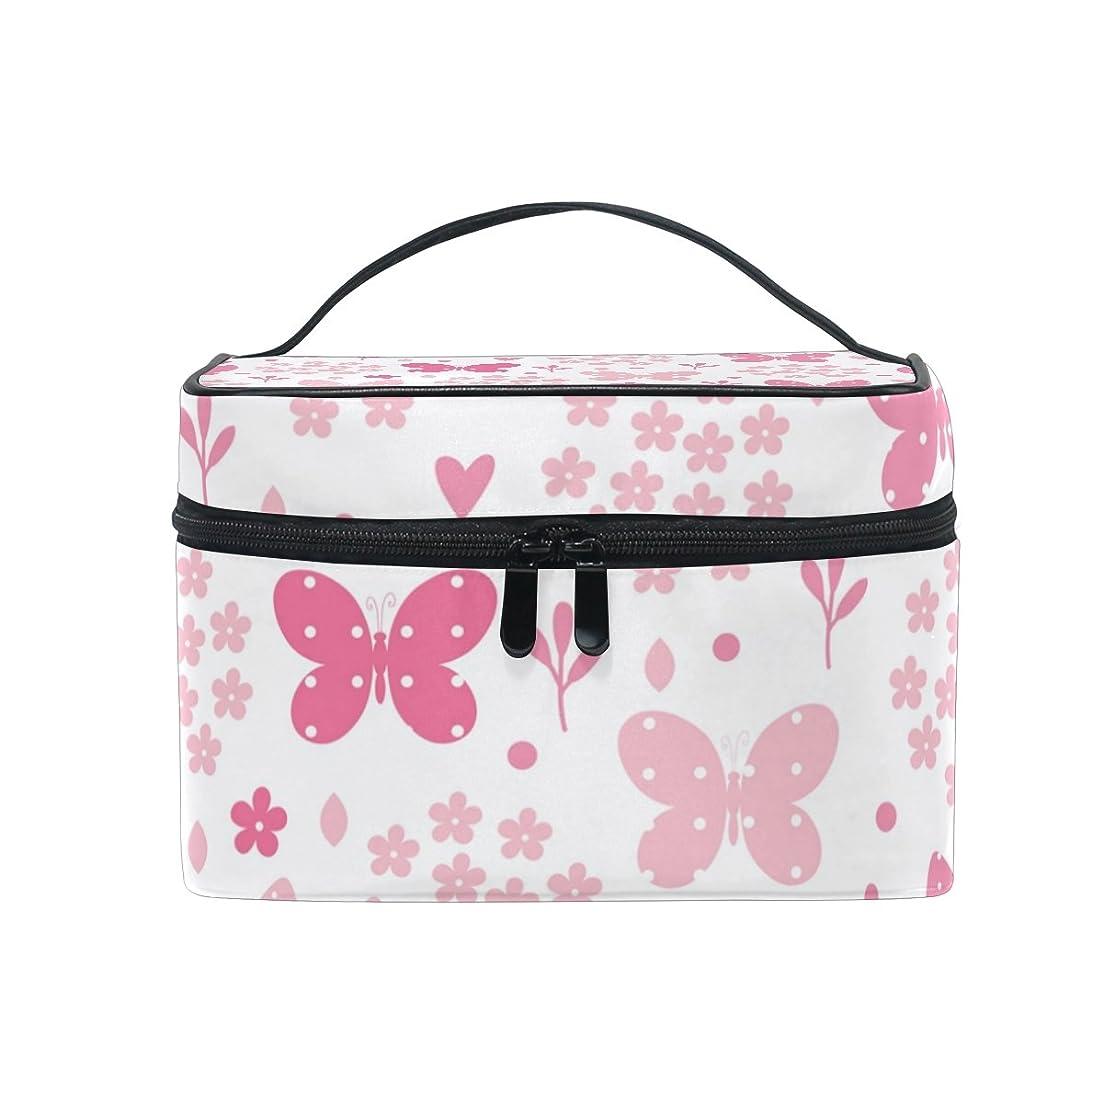 眠いです冒険者間隔ALAZA 化粧ポーチ 花柄 はな柄 化粧 メイクボックス 収納用品 ピンク 大きめ かわいい